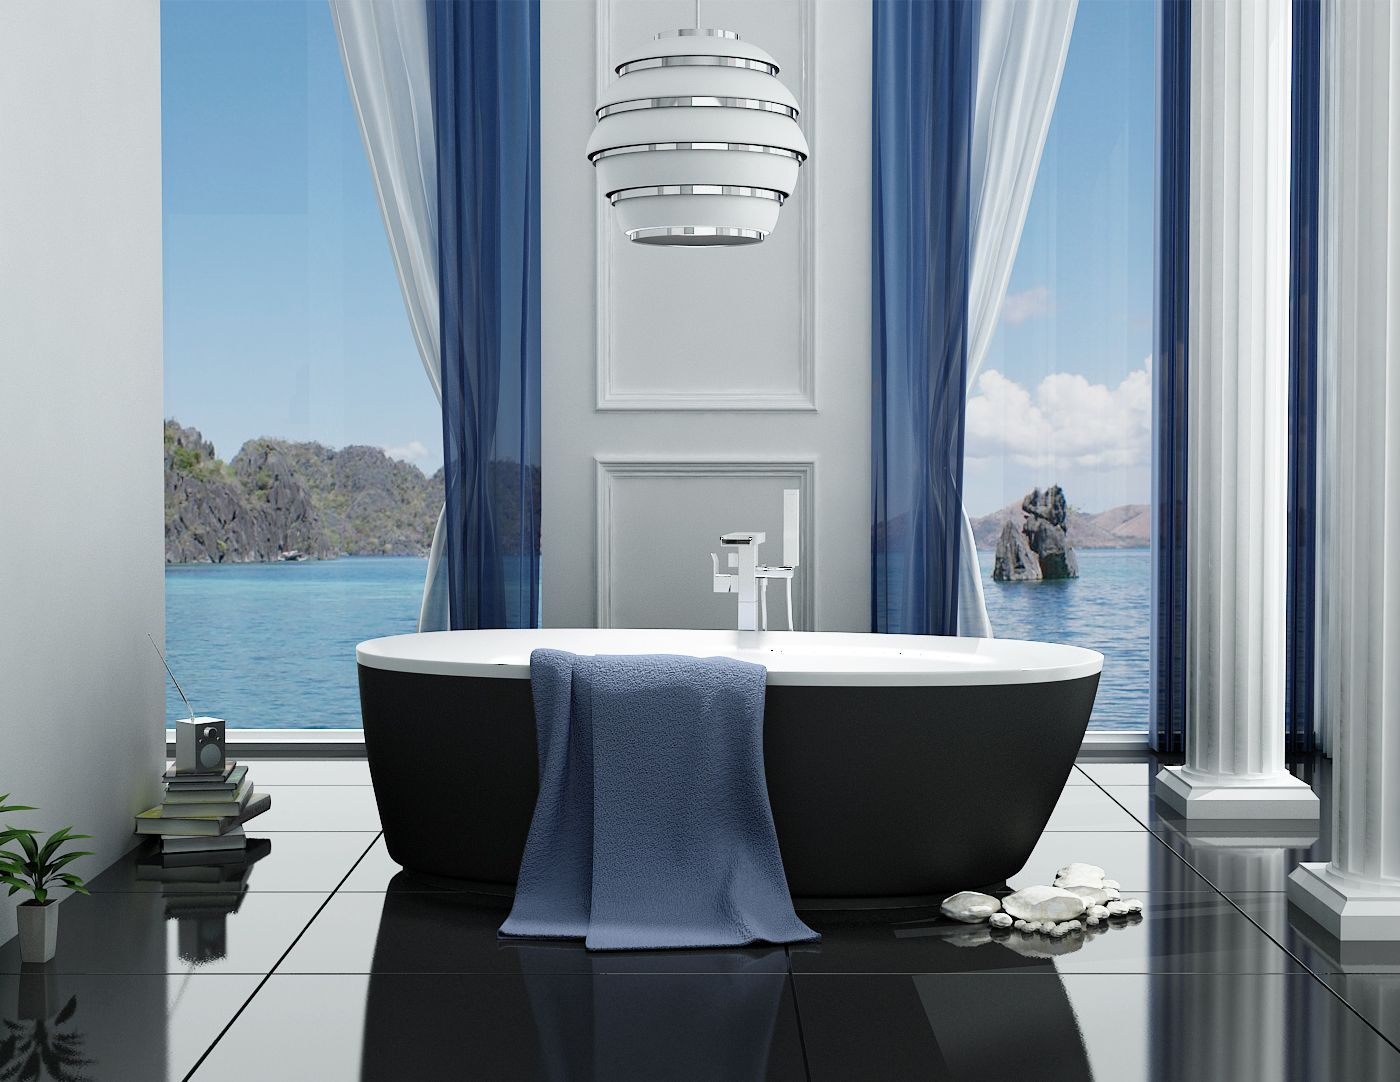 Find our Bathtubs at - http://ovedecors.com/en/produits/baignoires ...